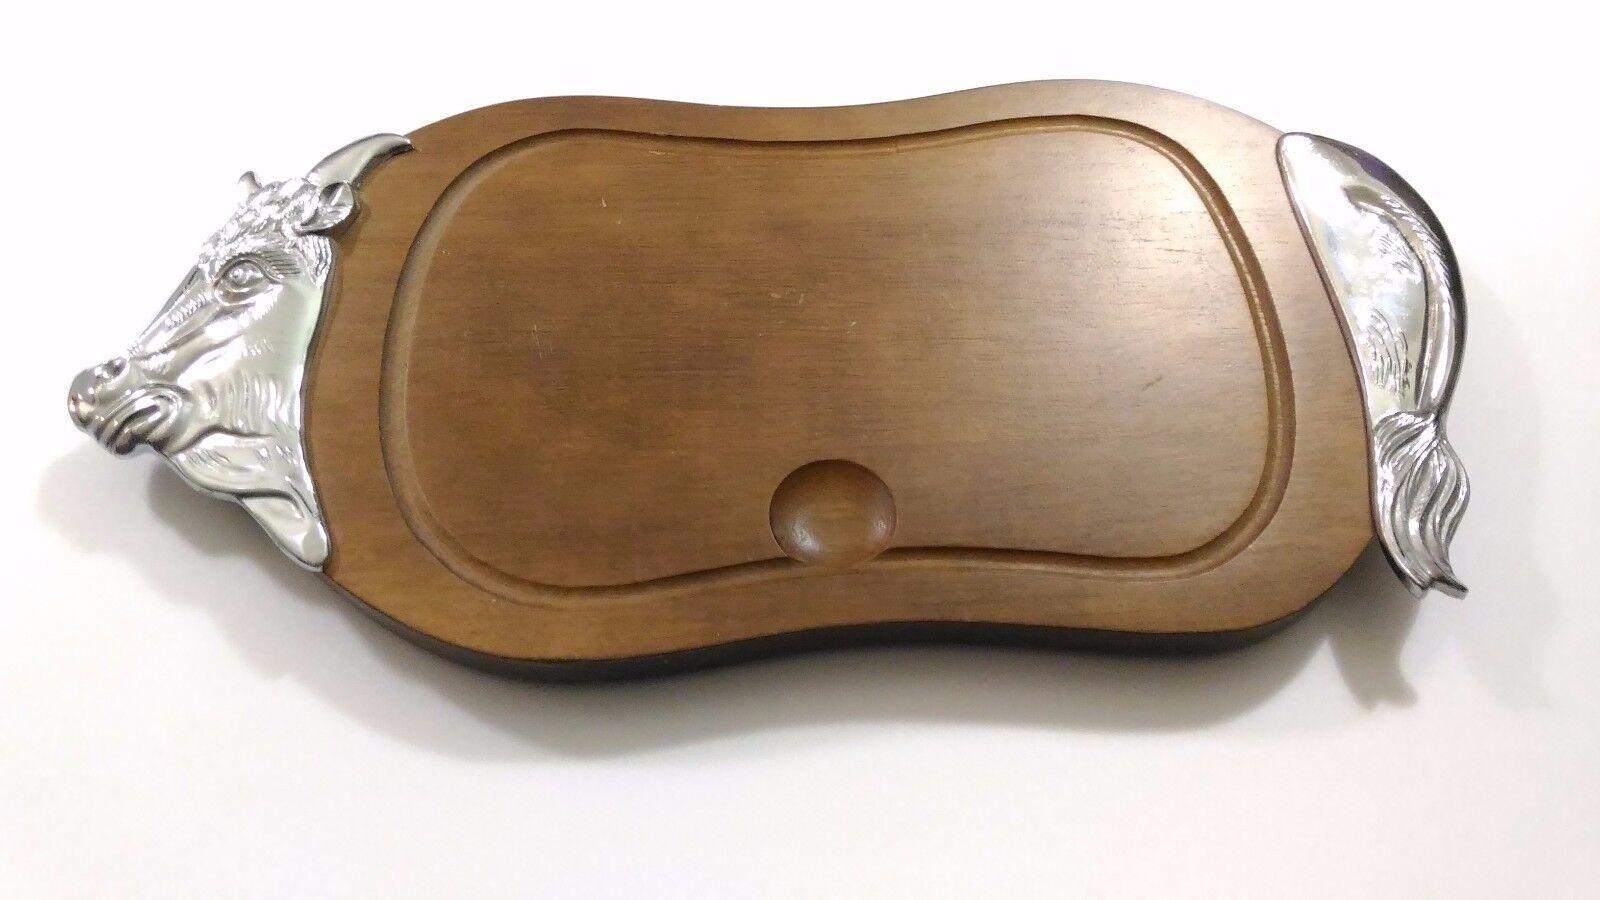 Vassoio vintage in legno e metallo per servire la carne